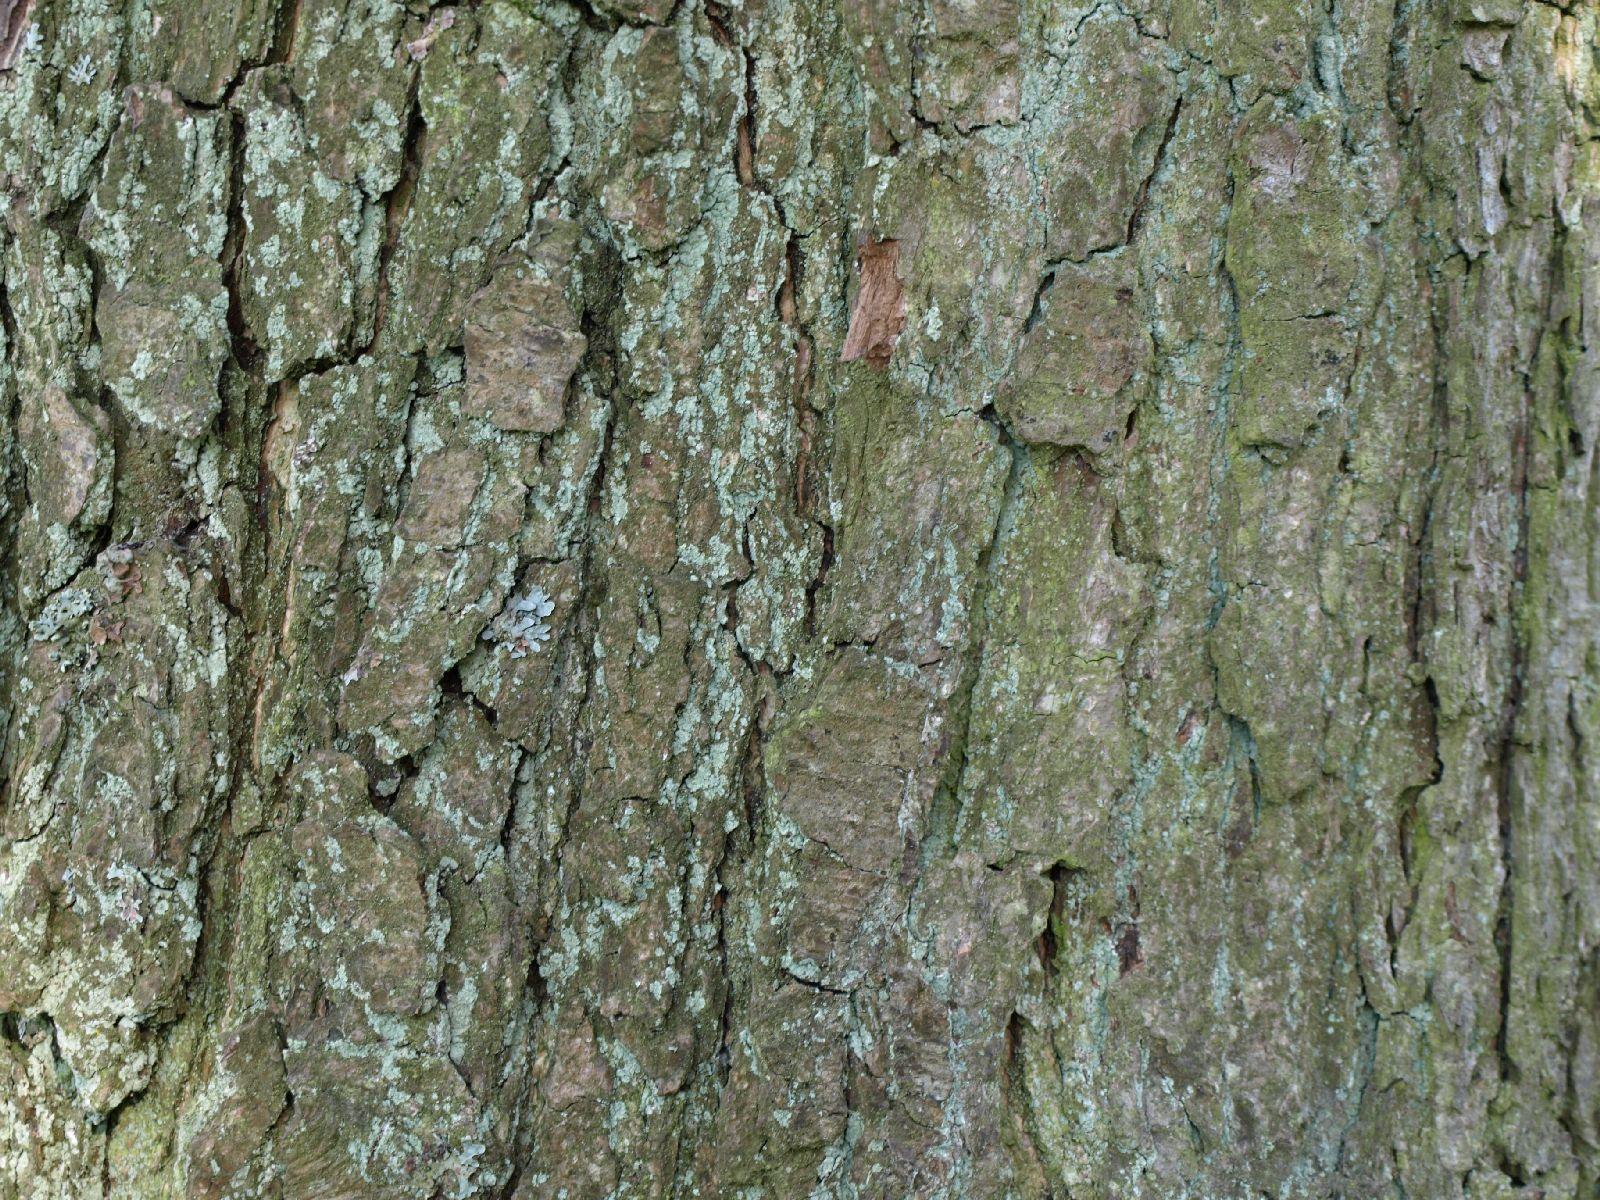 Holz_Textur_A_P5112636